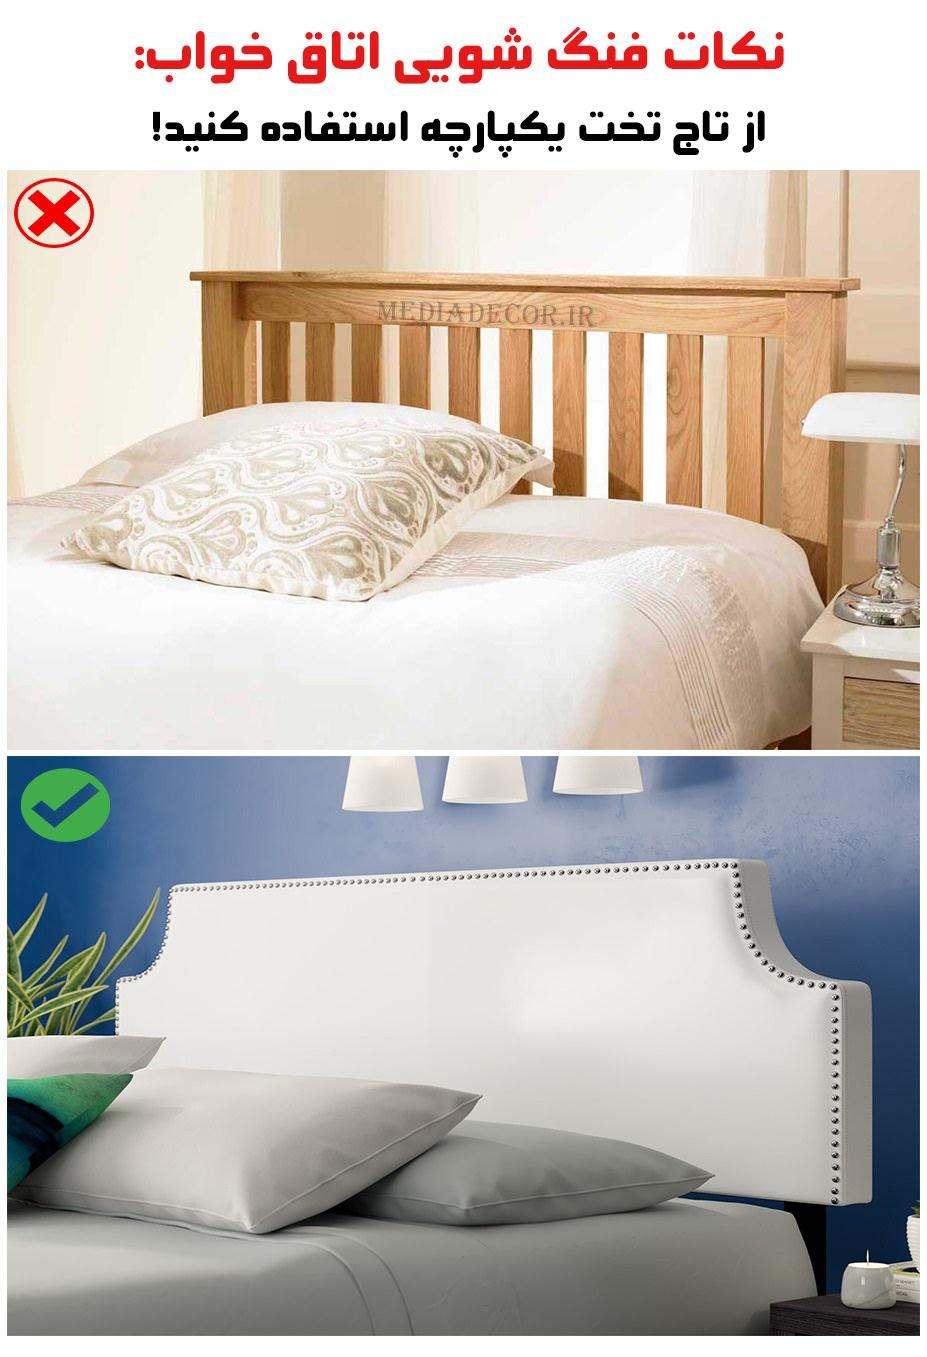 نکات فنگ شویی اتاق خواب: از تاج تخت یکپارچه استفاده کنید!